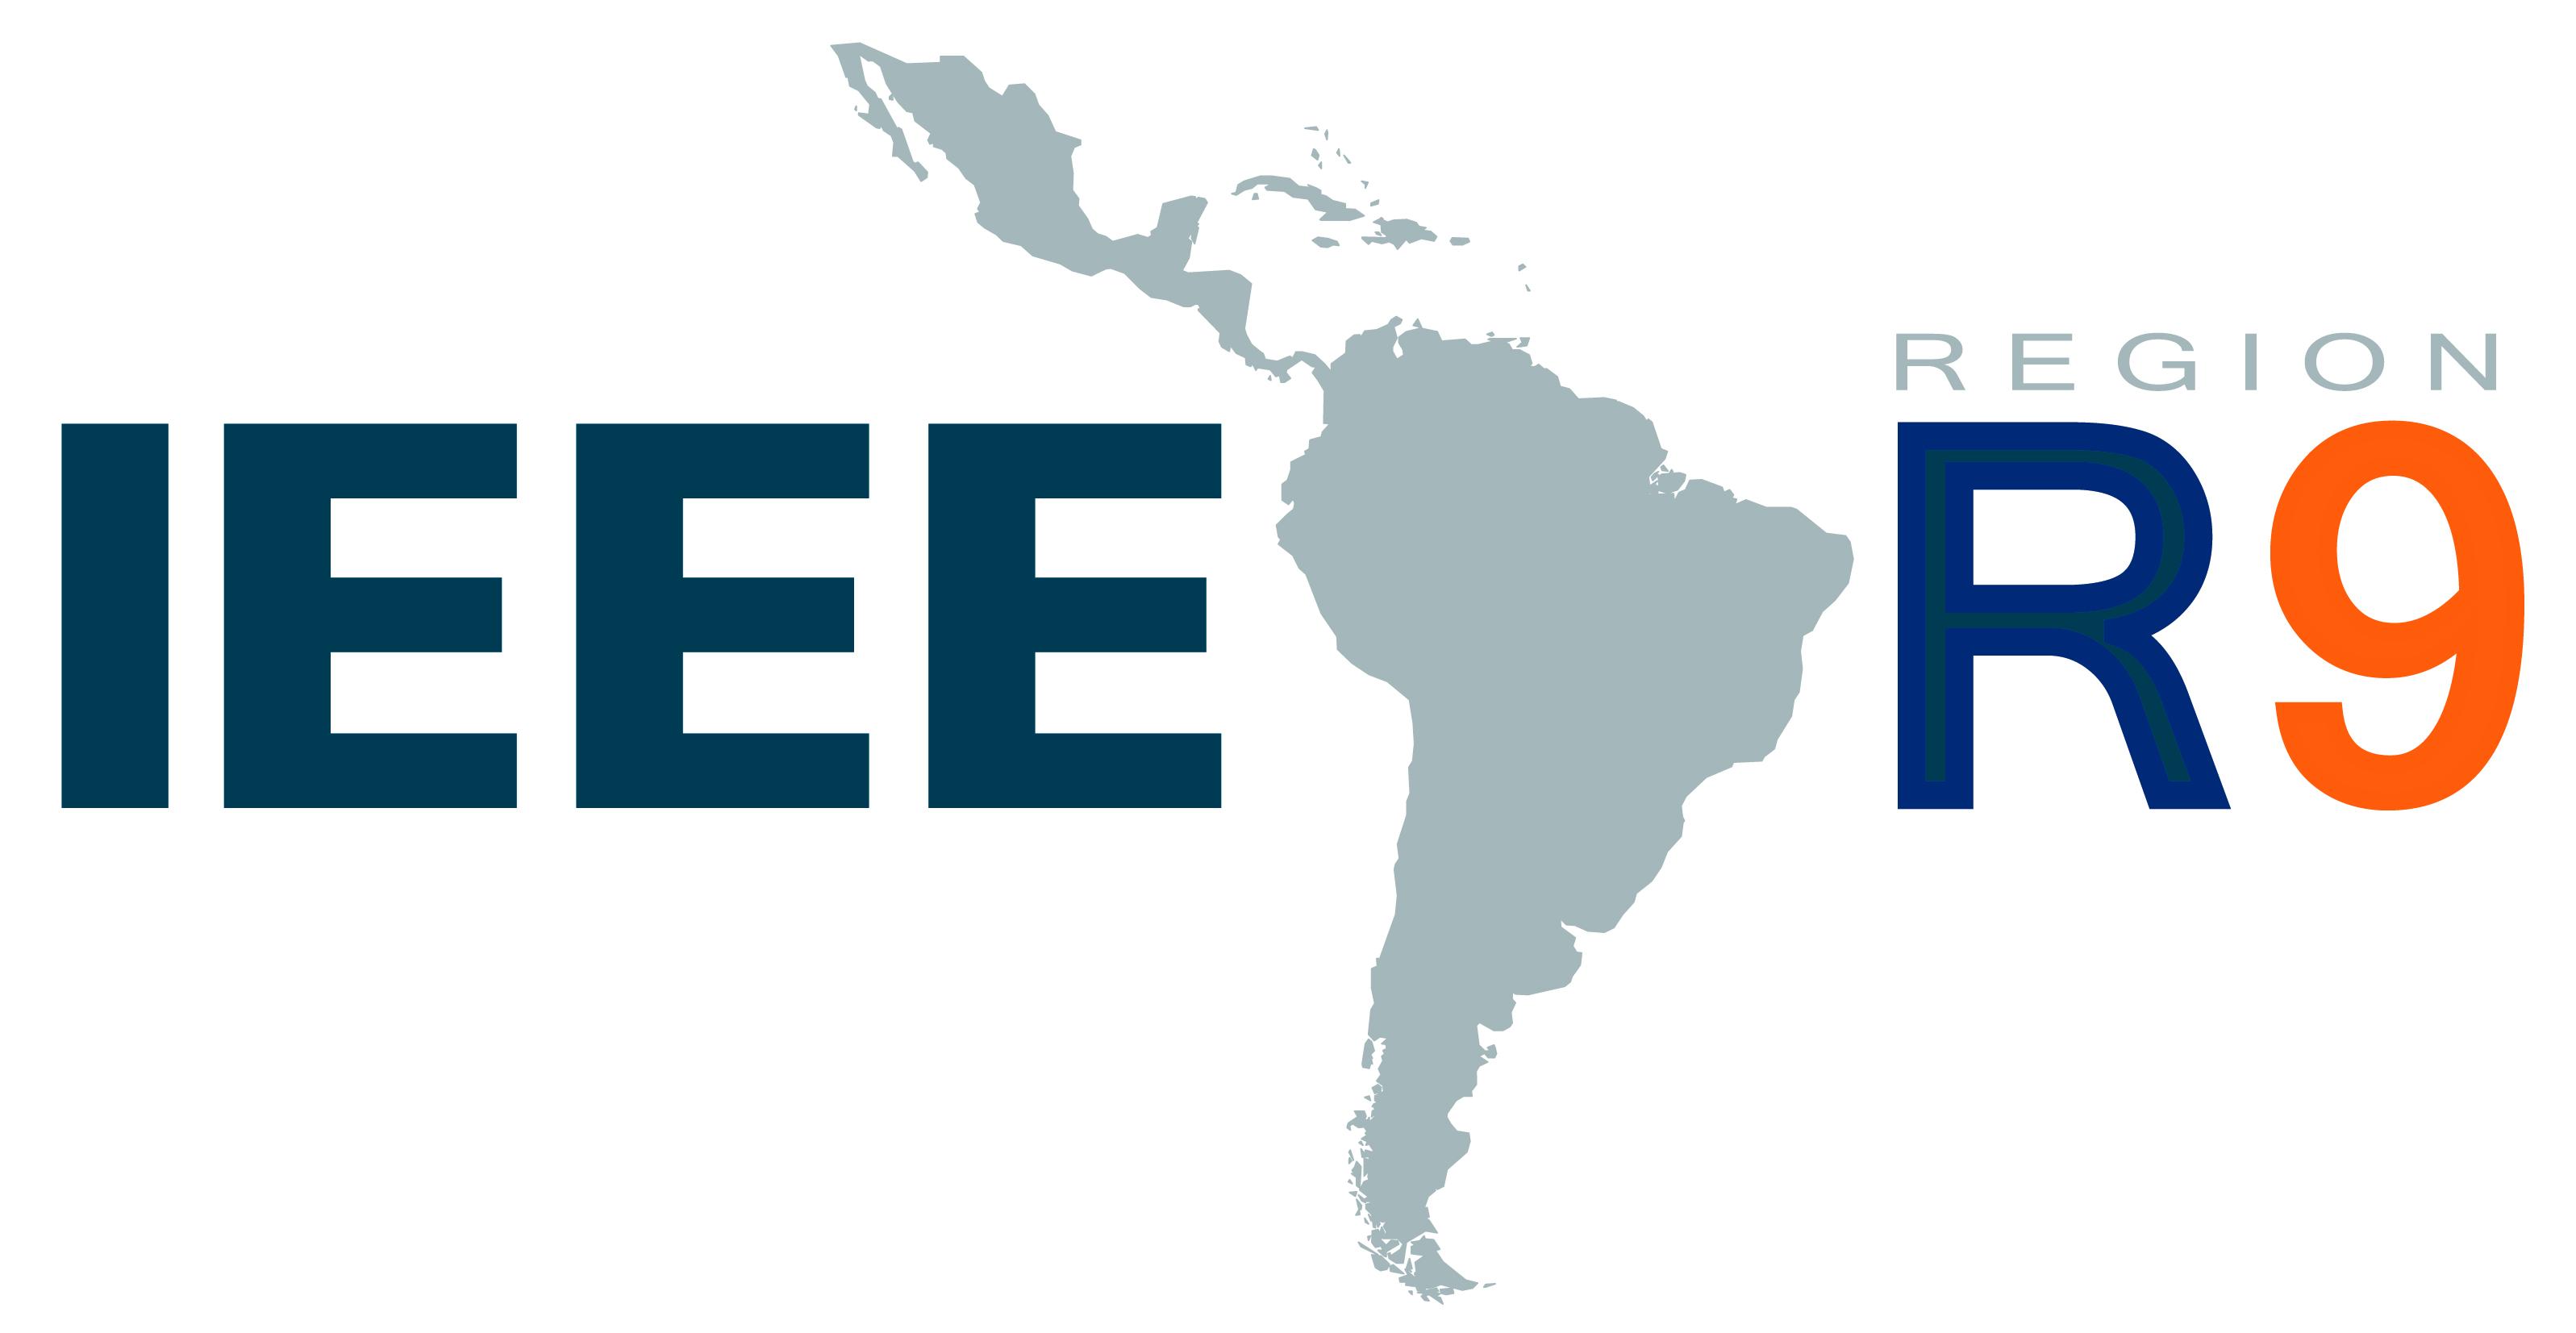 LOGO REGIONAL R9 - IEEE